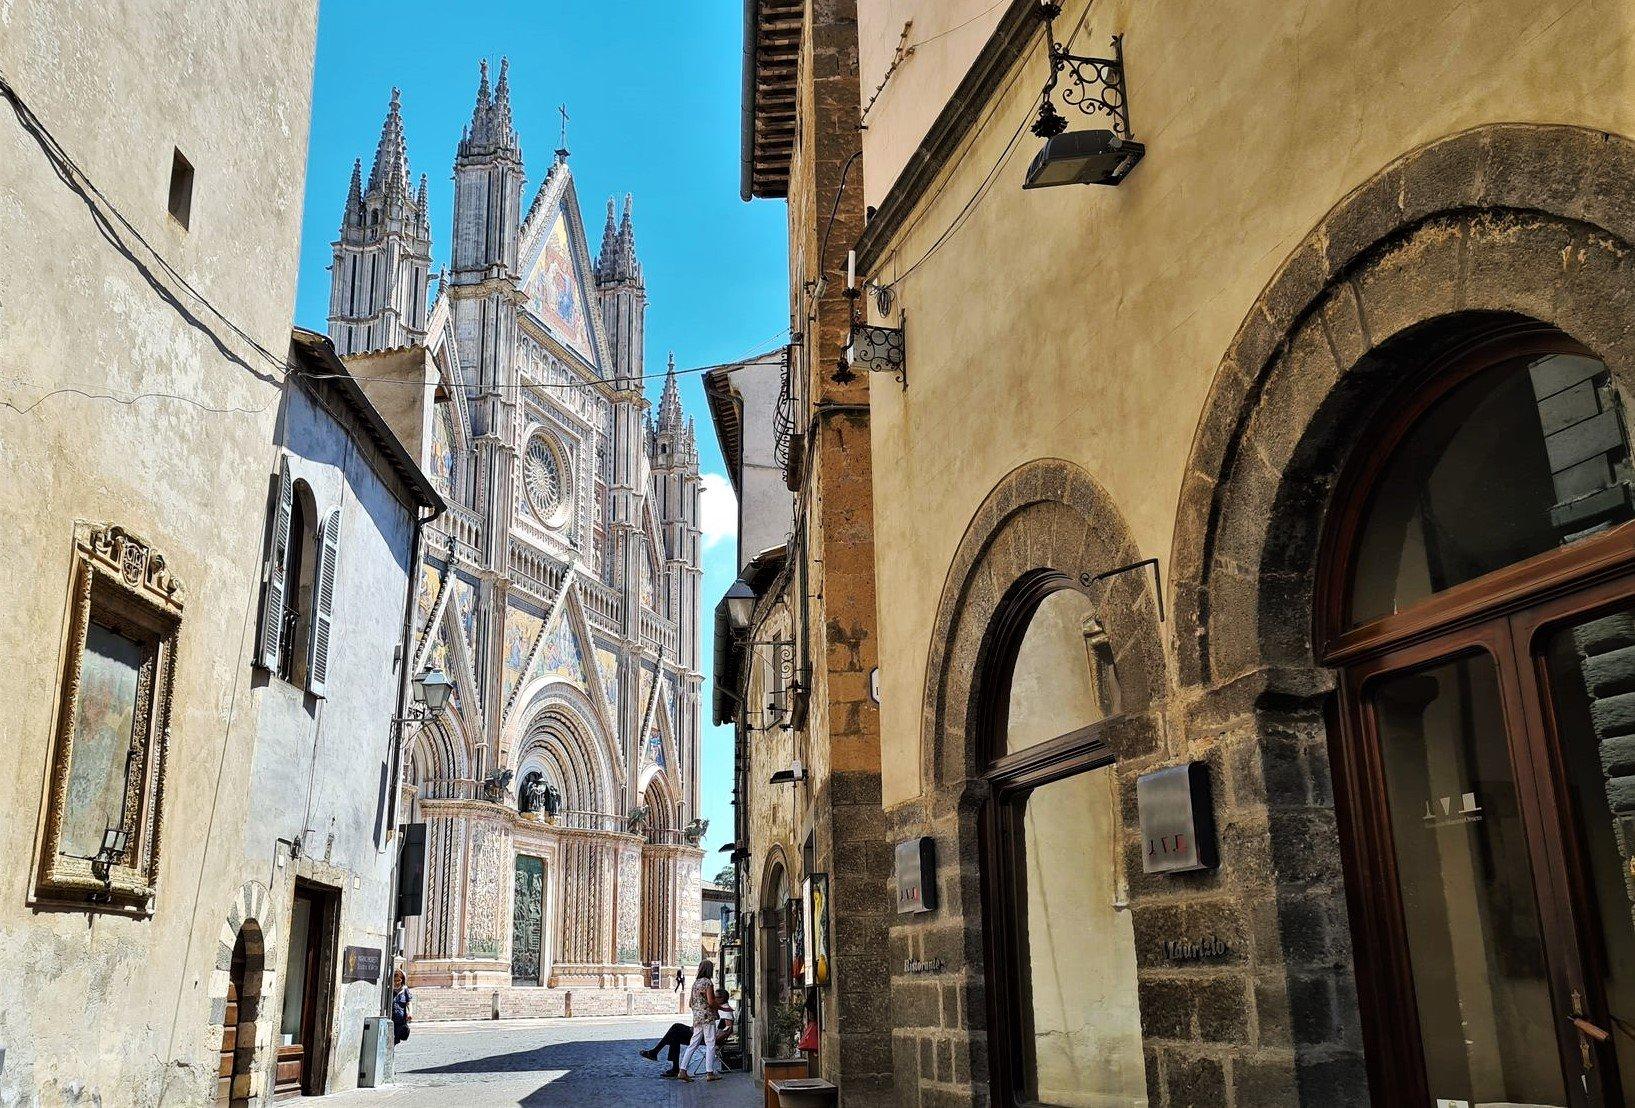 Dove si trova il duomo di Orvieto